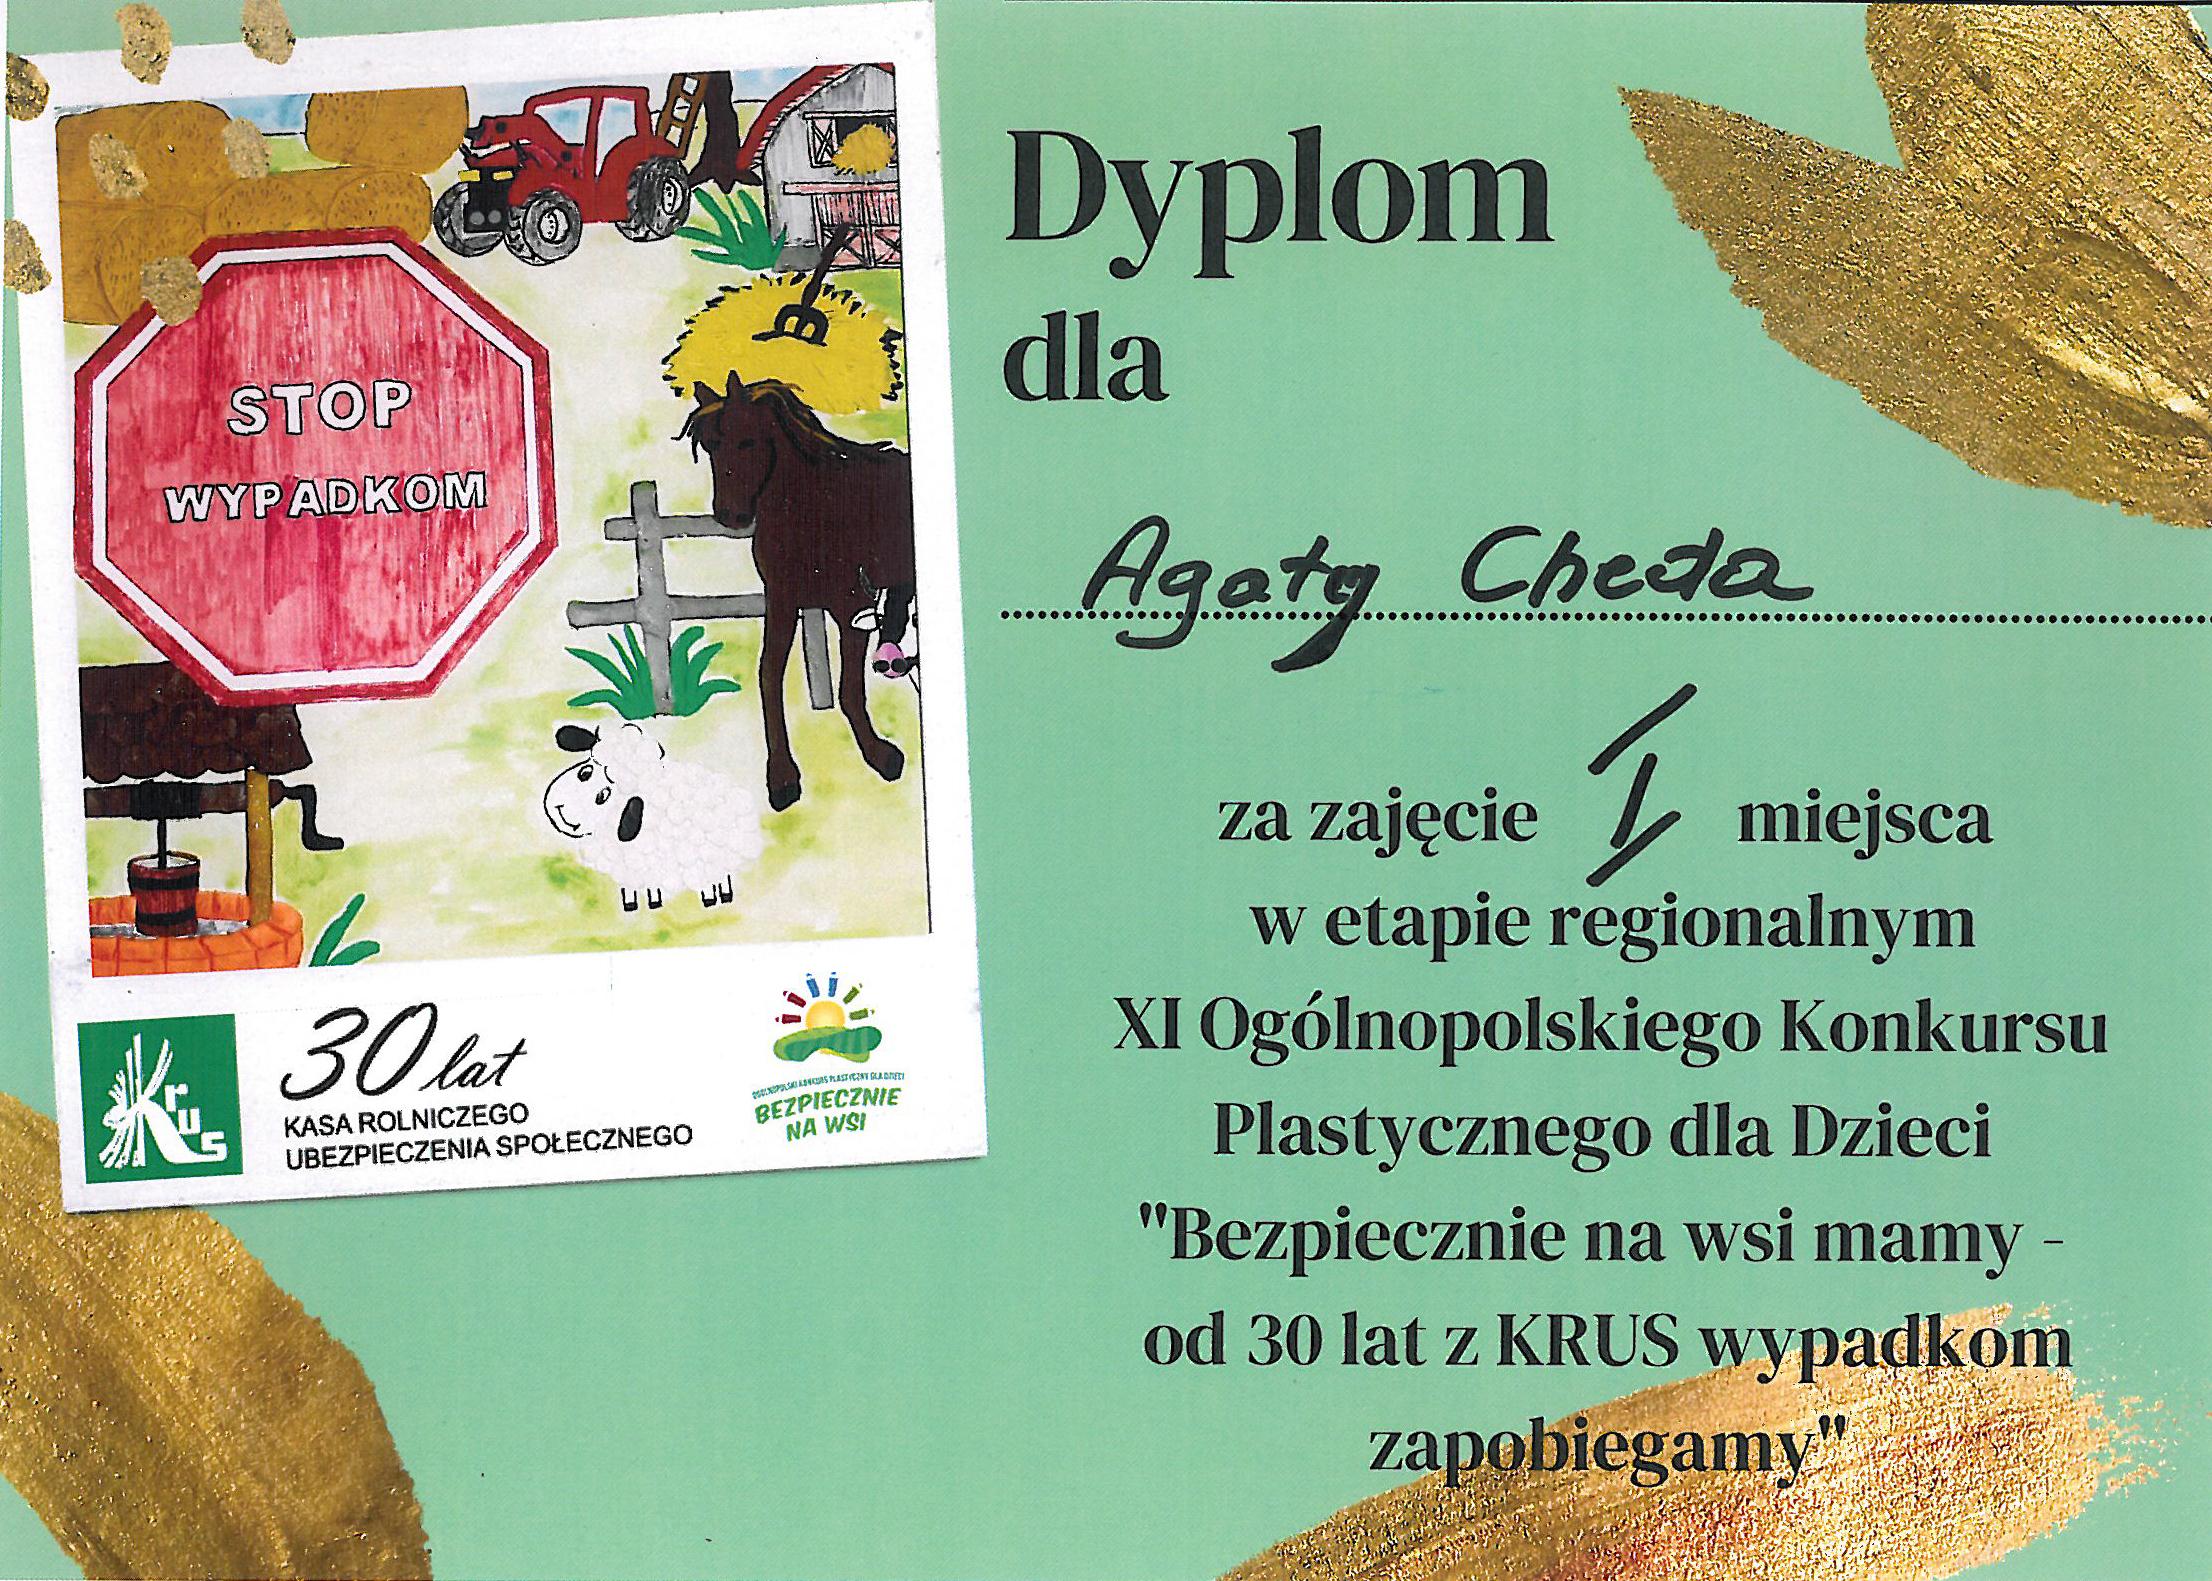 Dyplom Cheda (KRUS 21 06 2021)